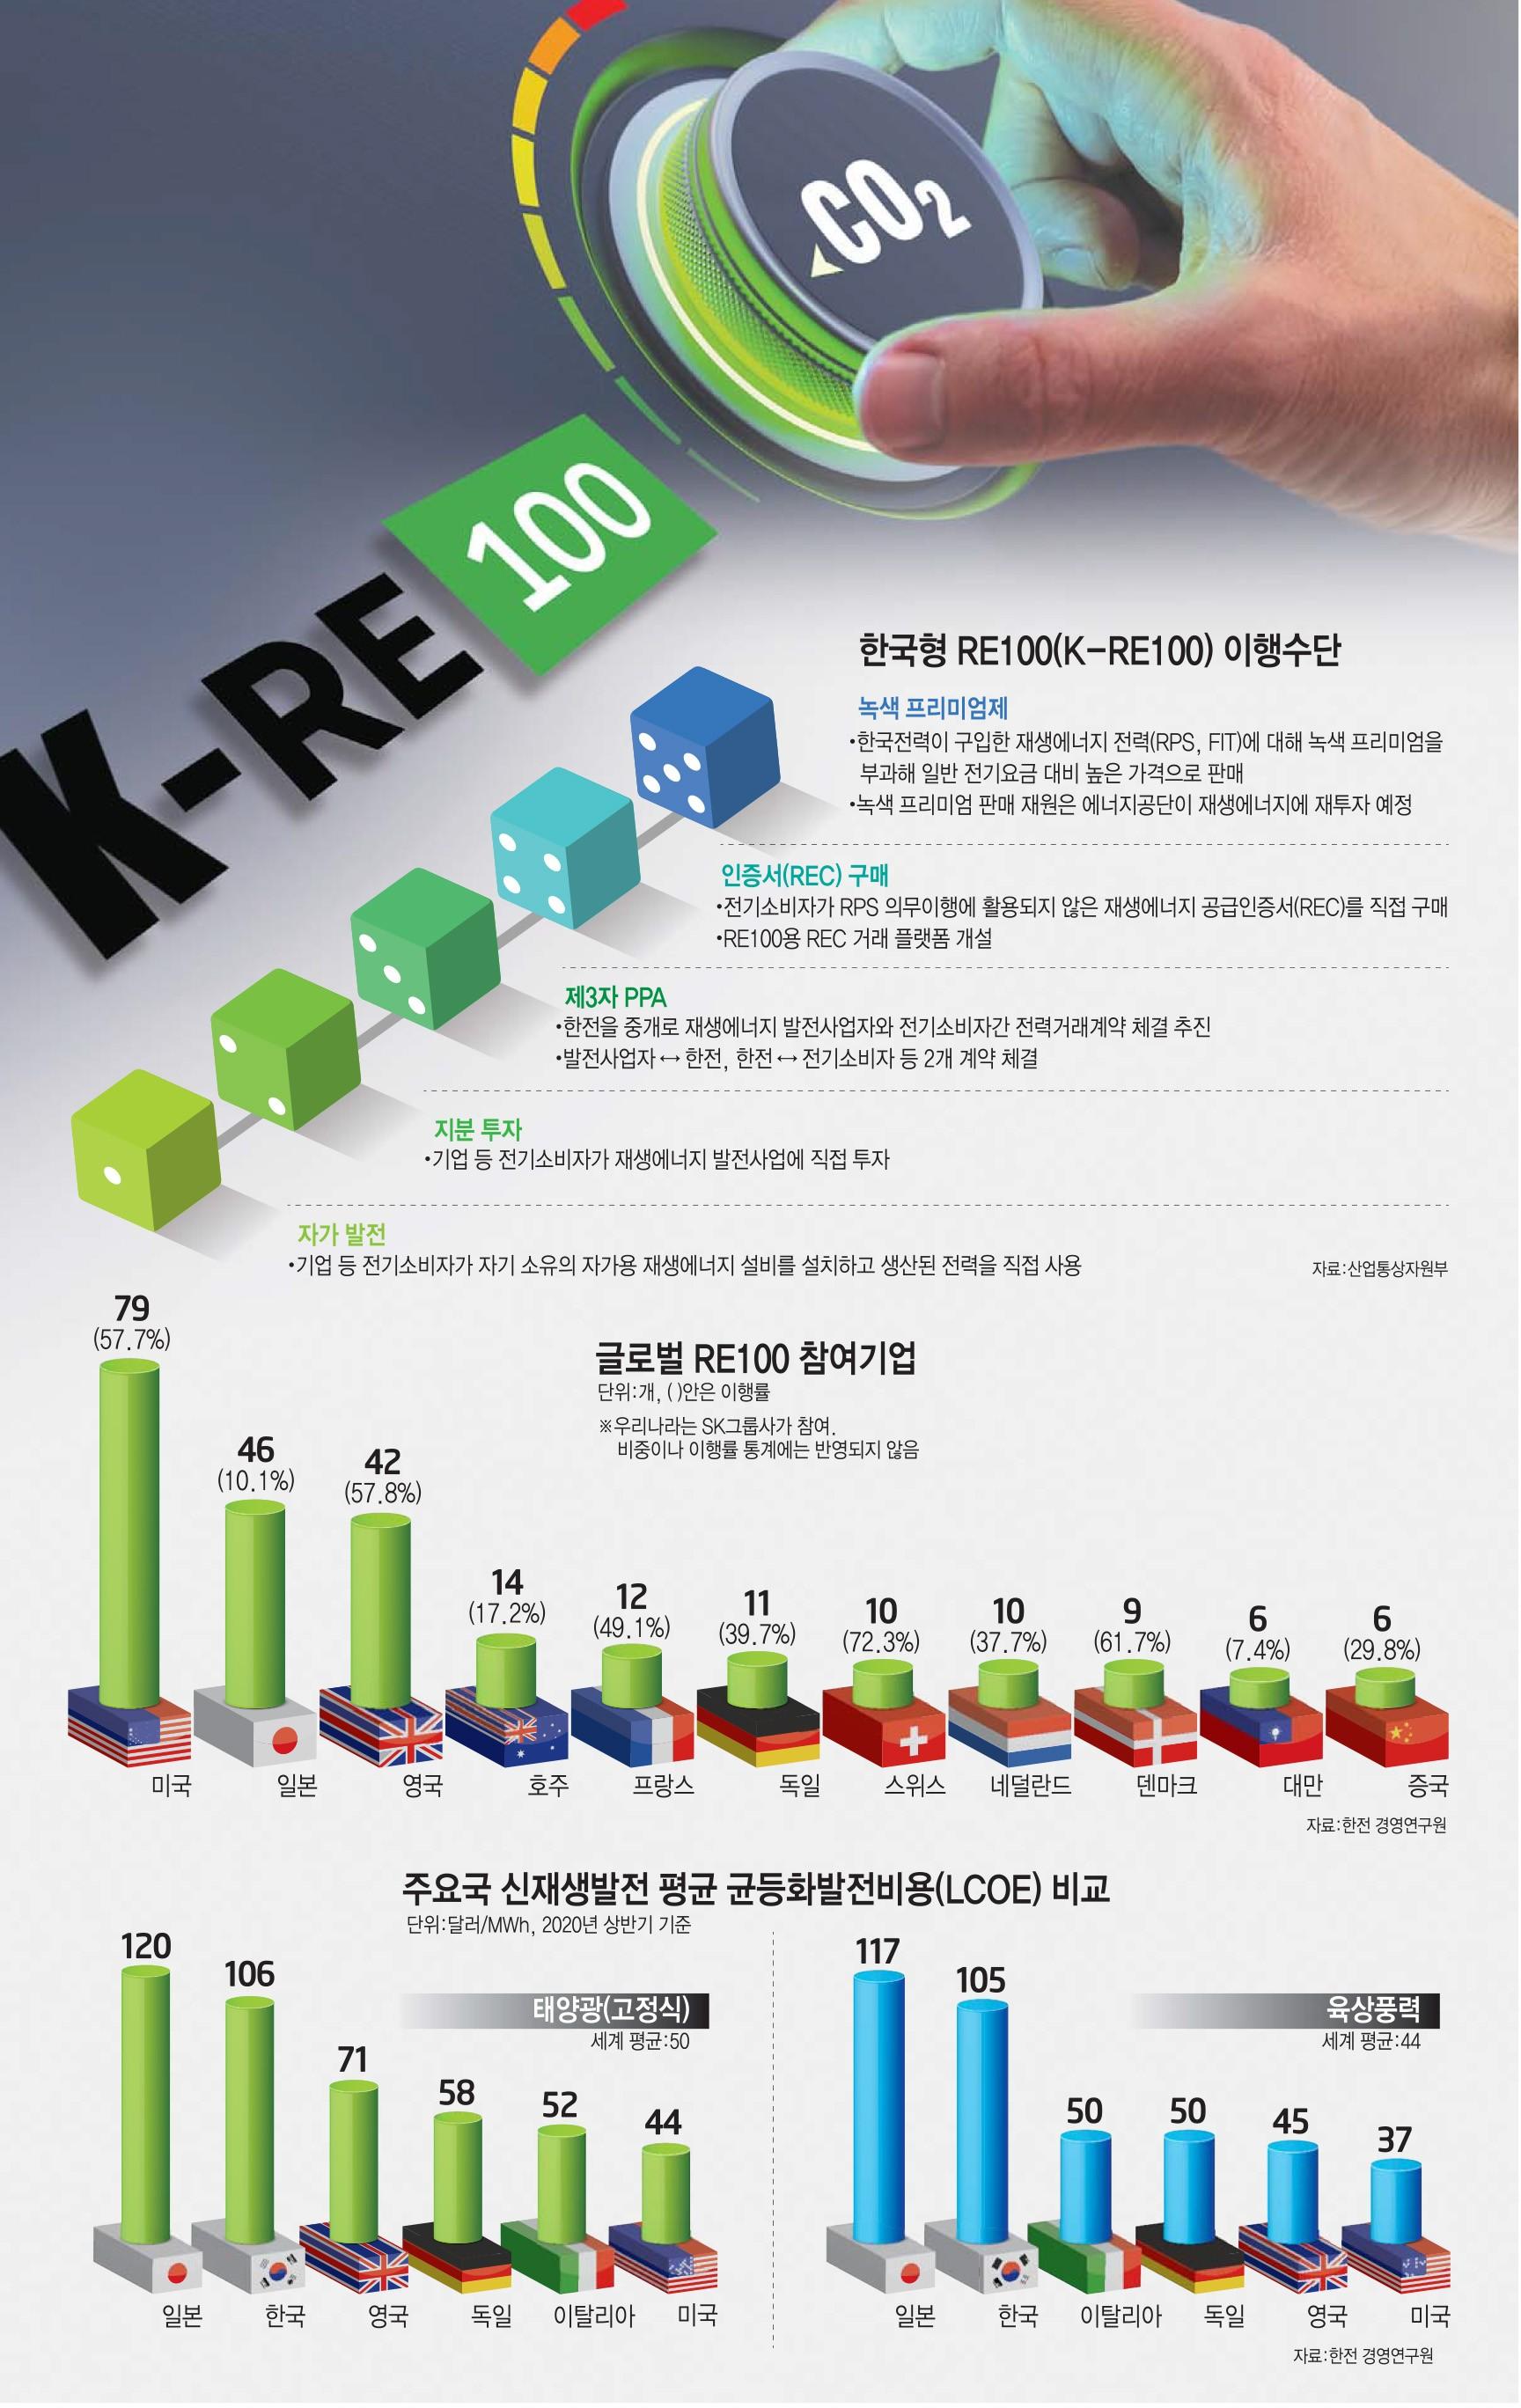 [이슈분석] K-RE100 기업 참여 러쉬...탄소중립 첨병 역할 기대